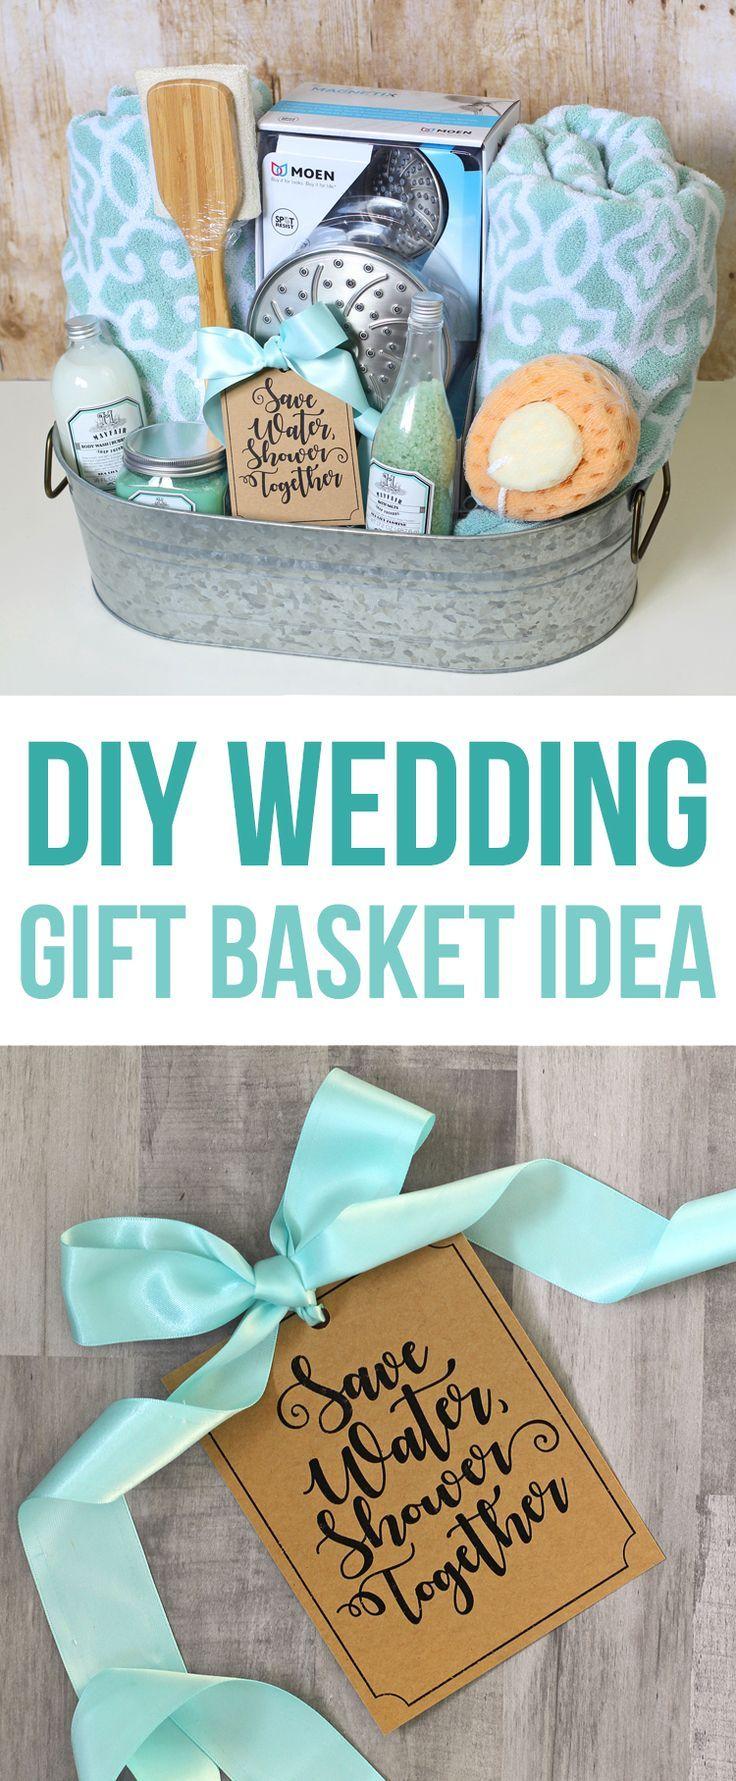 Shower themed diy wedding gift basket idea cute ideas by ashley